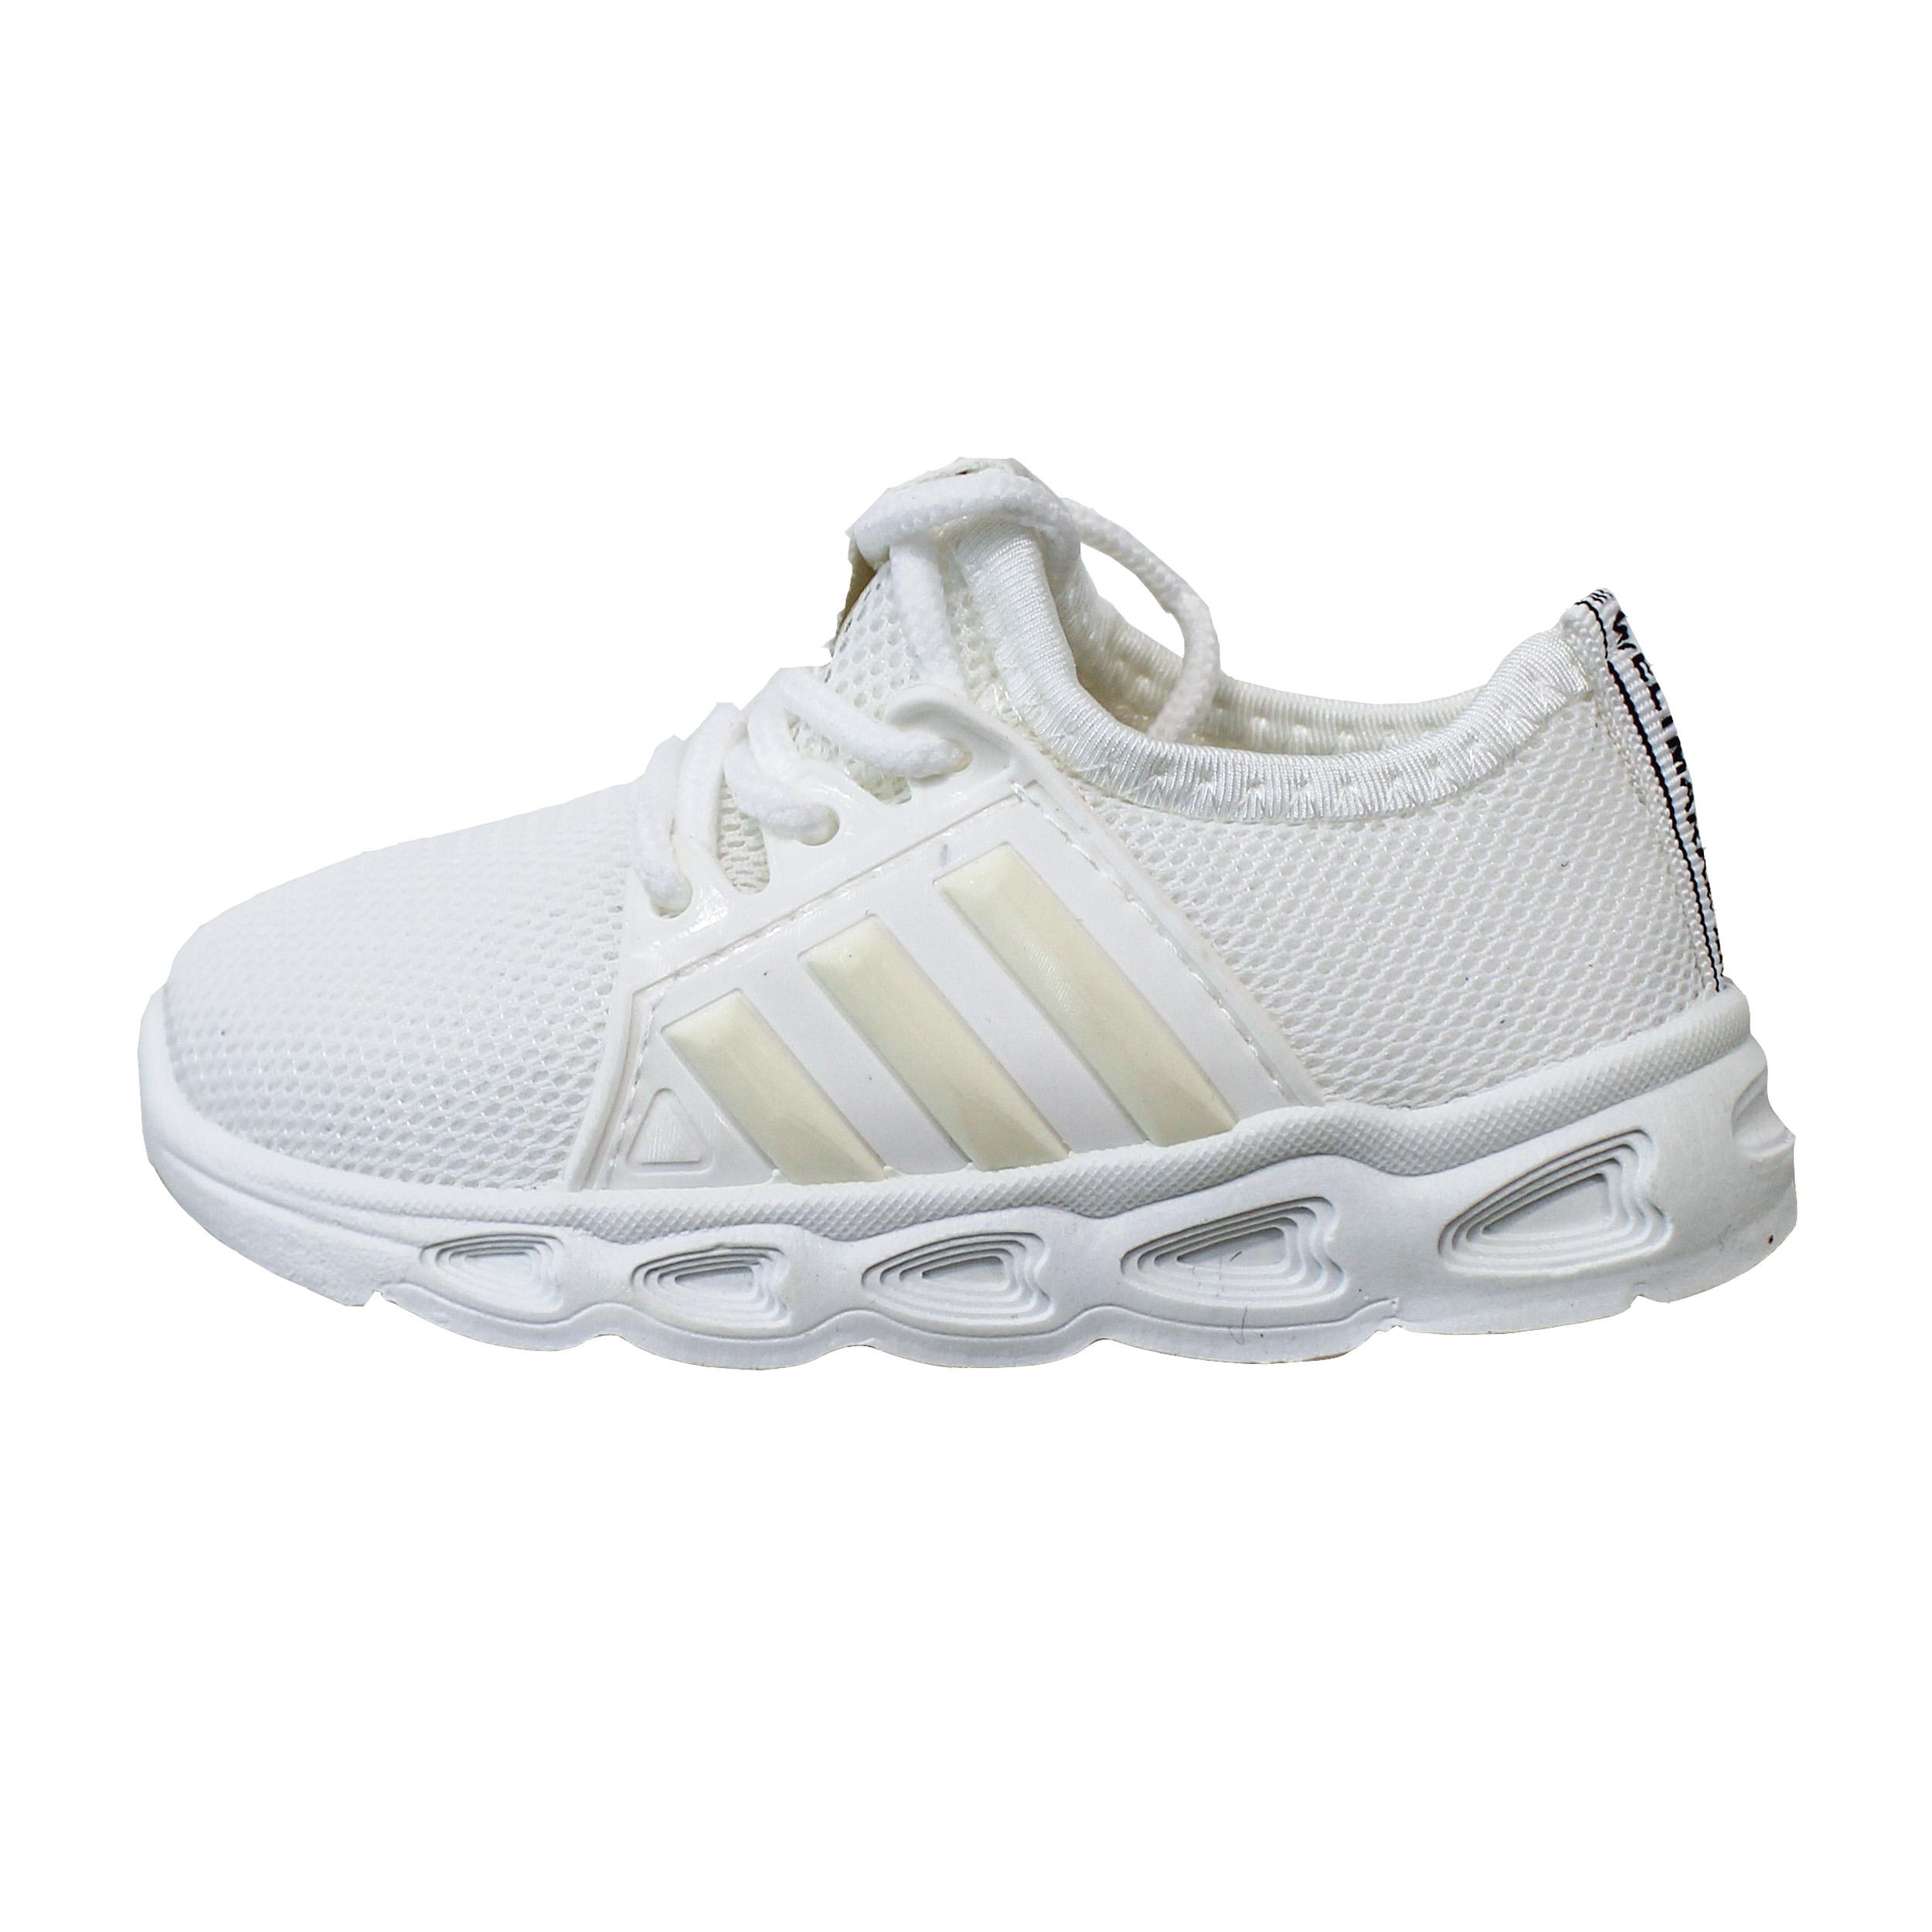 کفش مخصوص پیاده روی بچگانه مدل 105001 Needle Whi غیر اصل